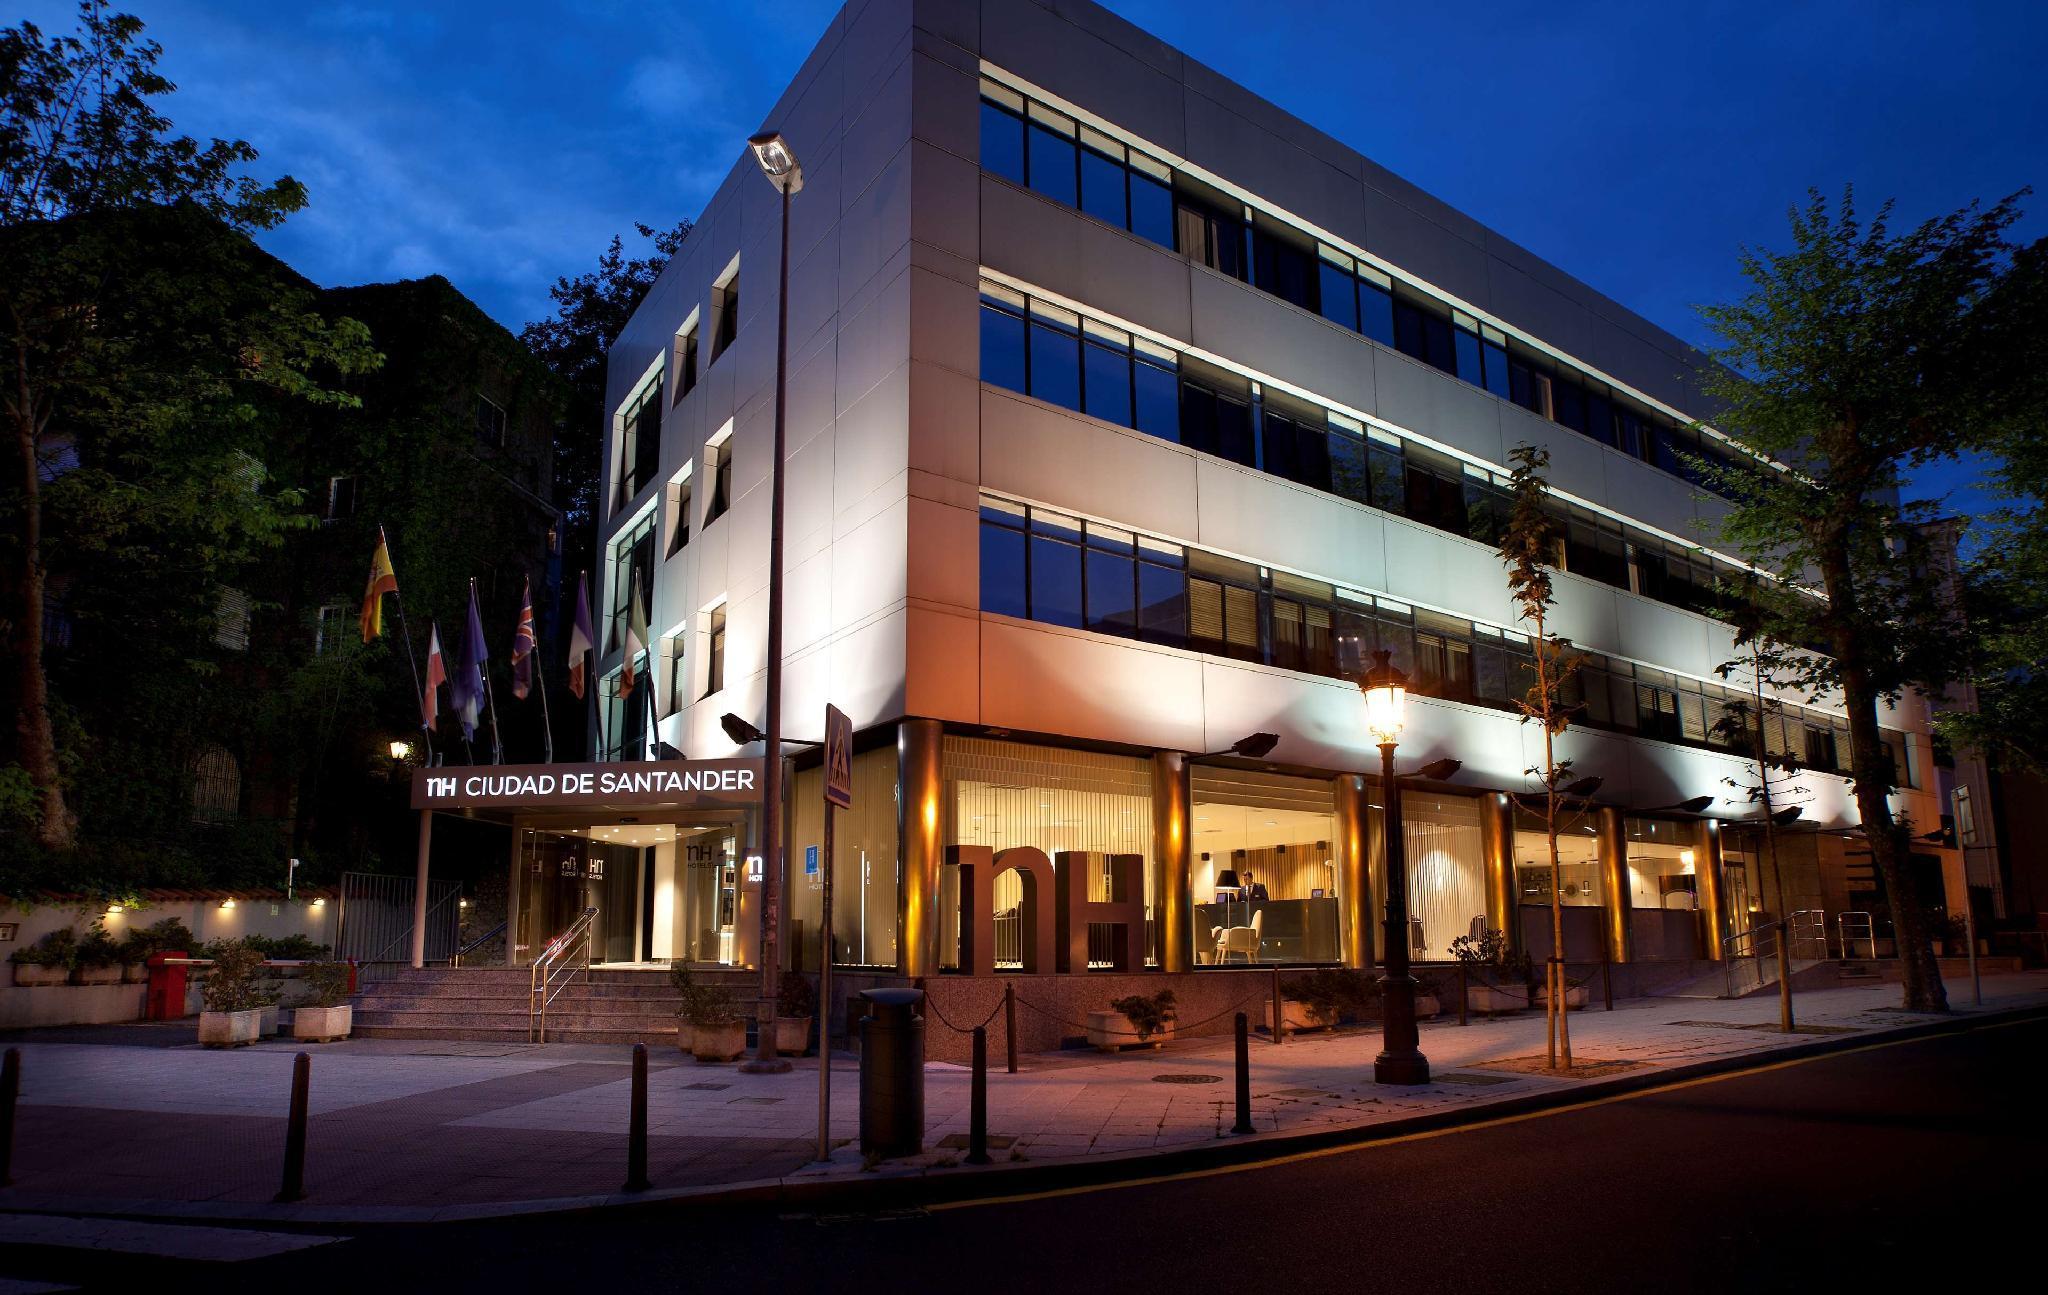 Nh Ciudad De Santander Hotel